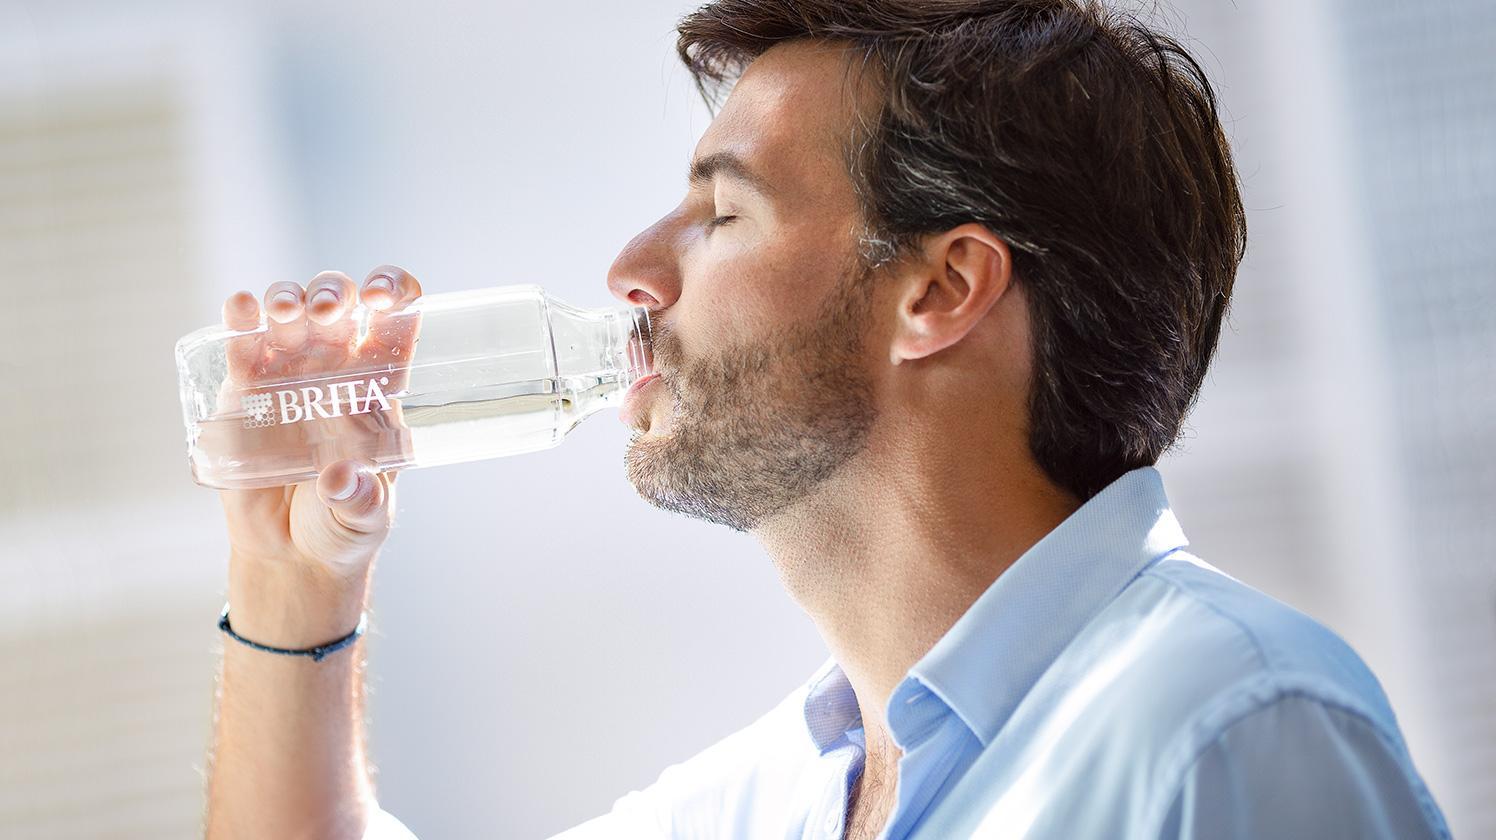 Mann trinkt zufrieden Wasser